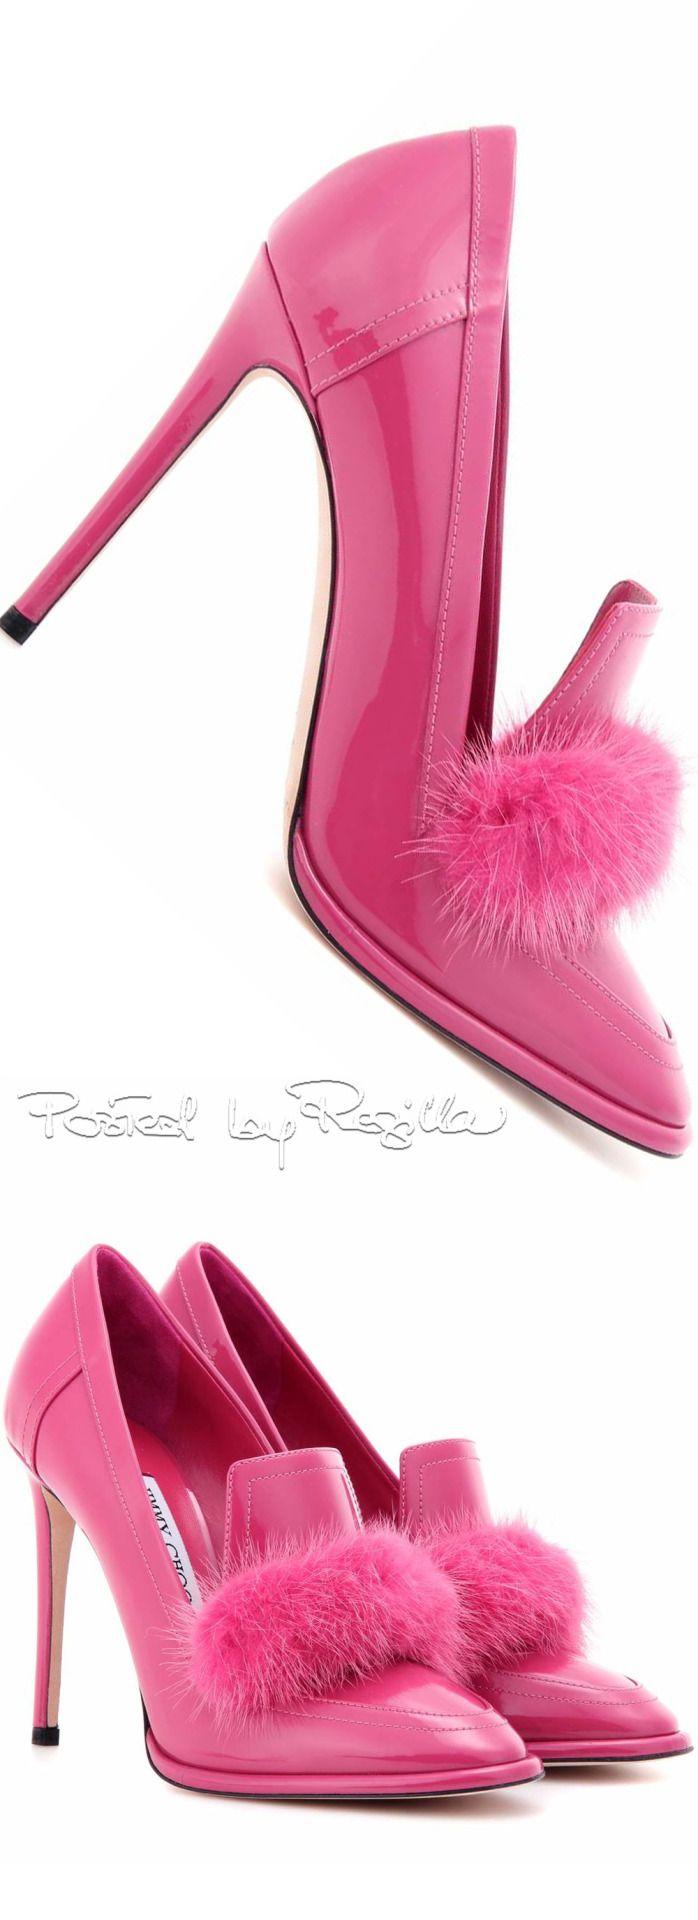 Regilla ⚜ Jimmy Choo https://www.pinterest.com/lahana/shoes-zapatos-chaussures-schuhe-%E9%9E%8B-schoenen-o%D0%B1%D1%83%D0%B2%D1%8C-%E0%A4%9C/